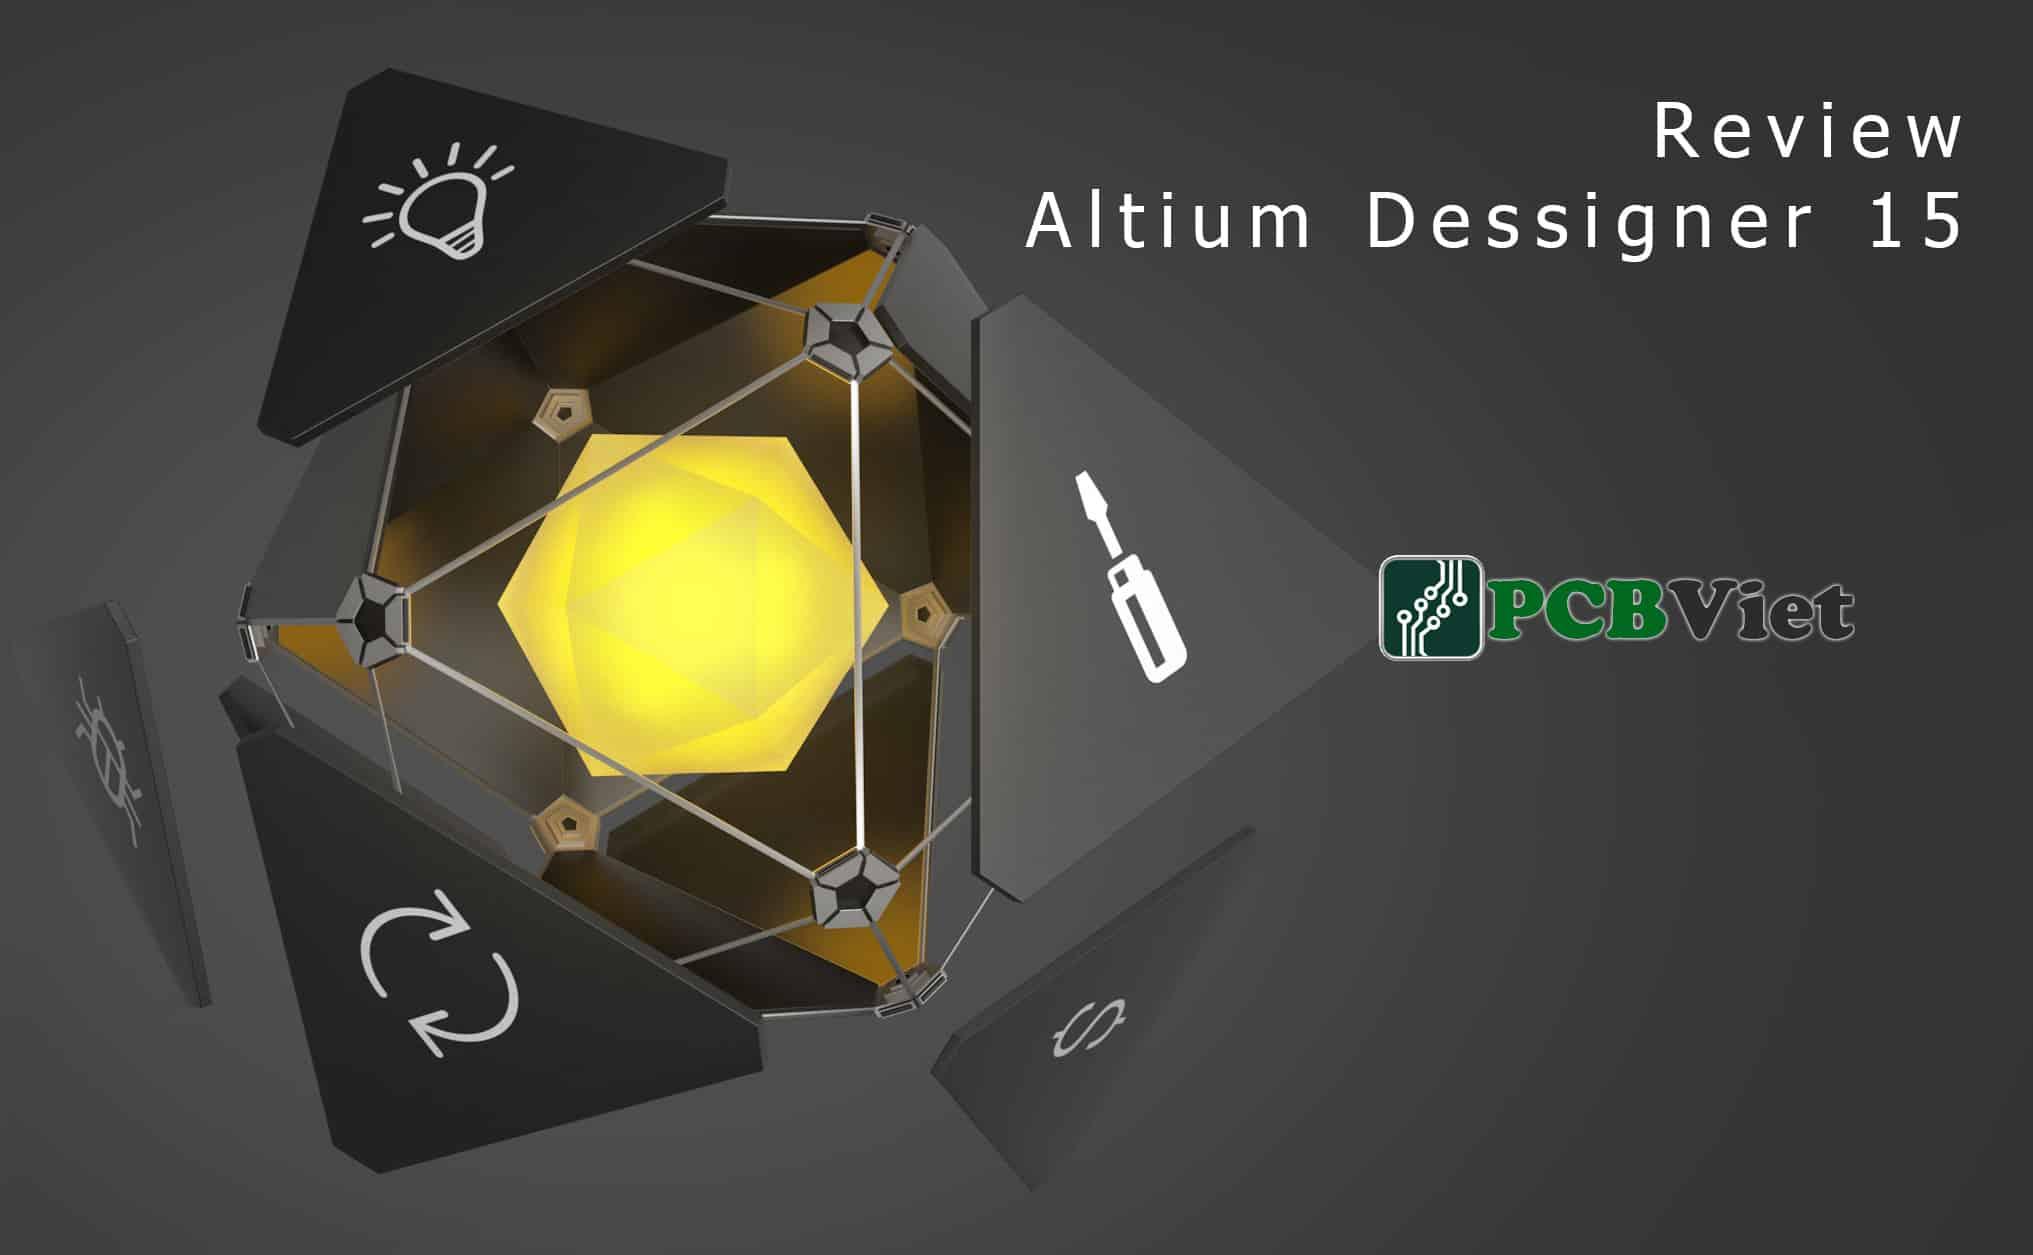 Altium designer 15